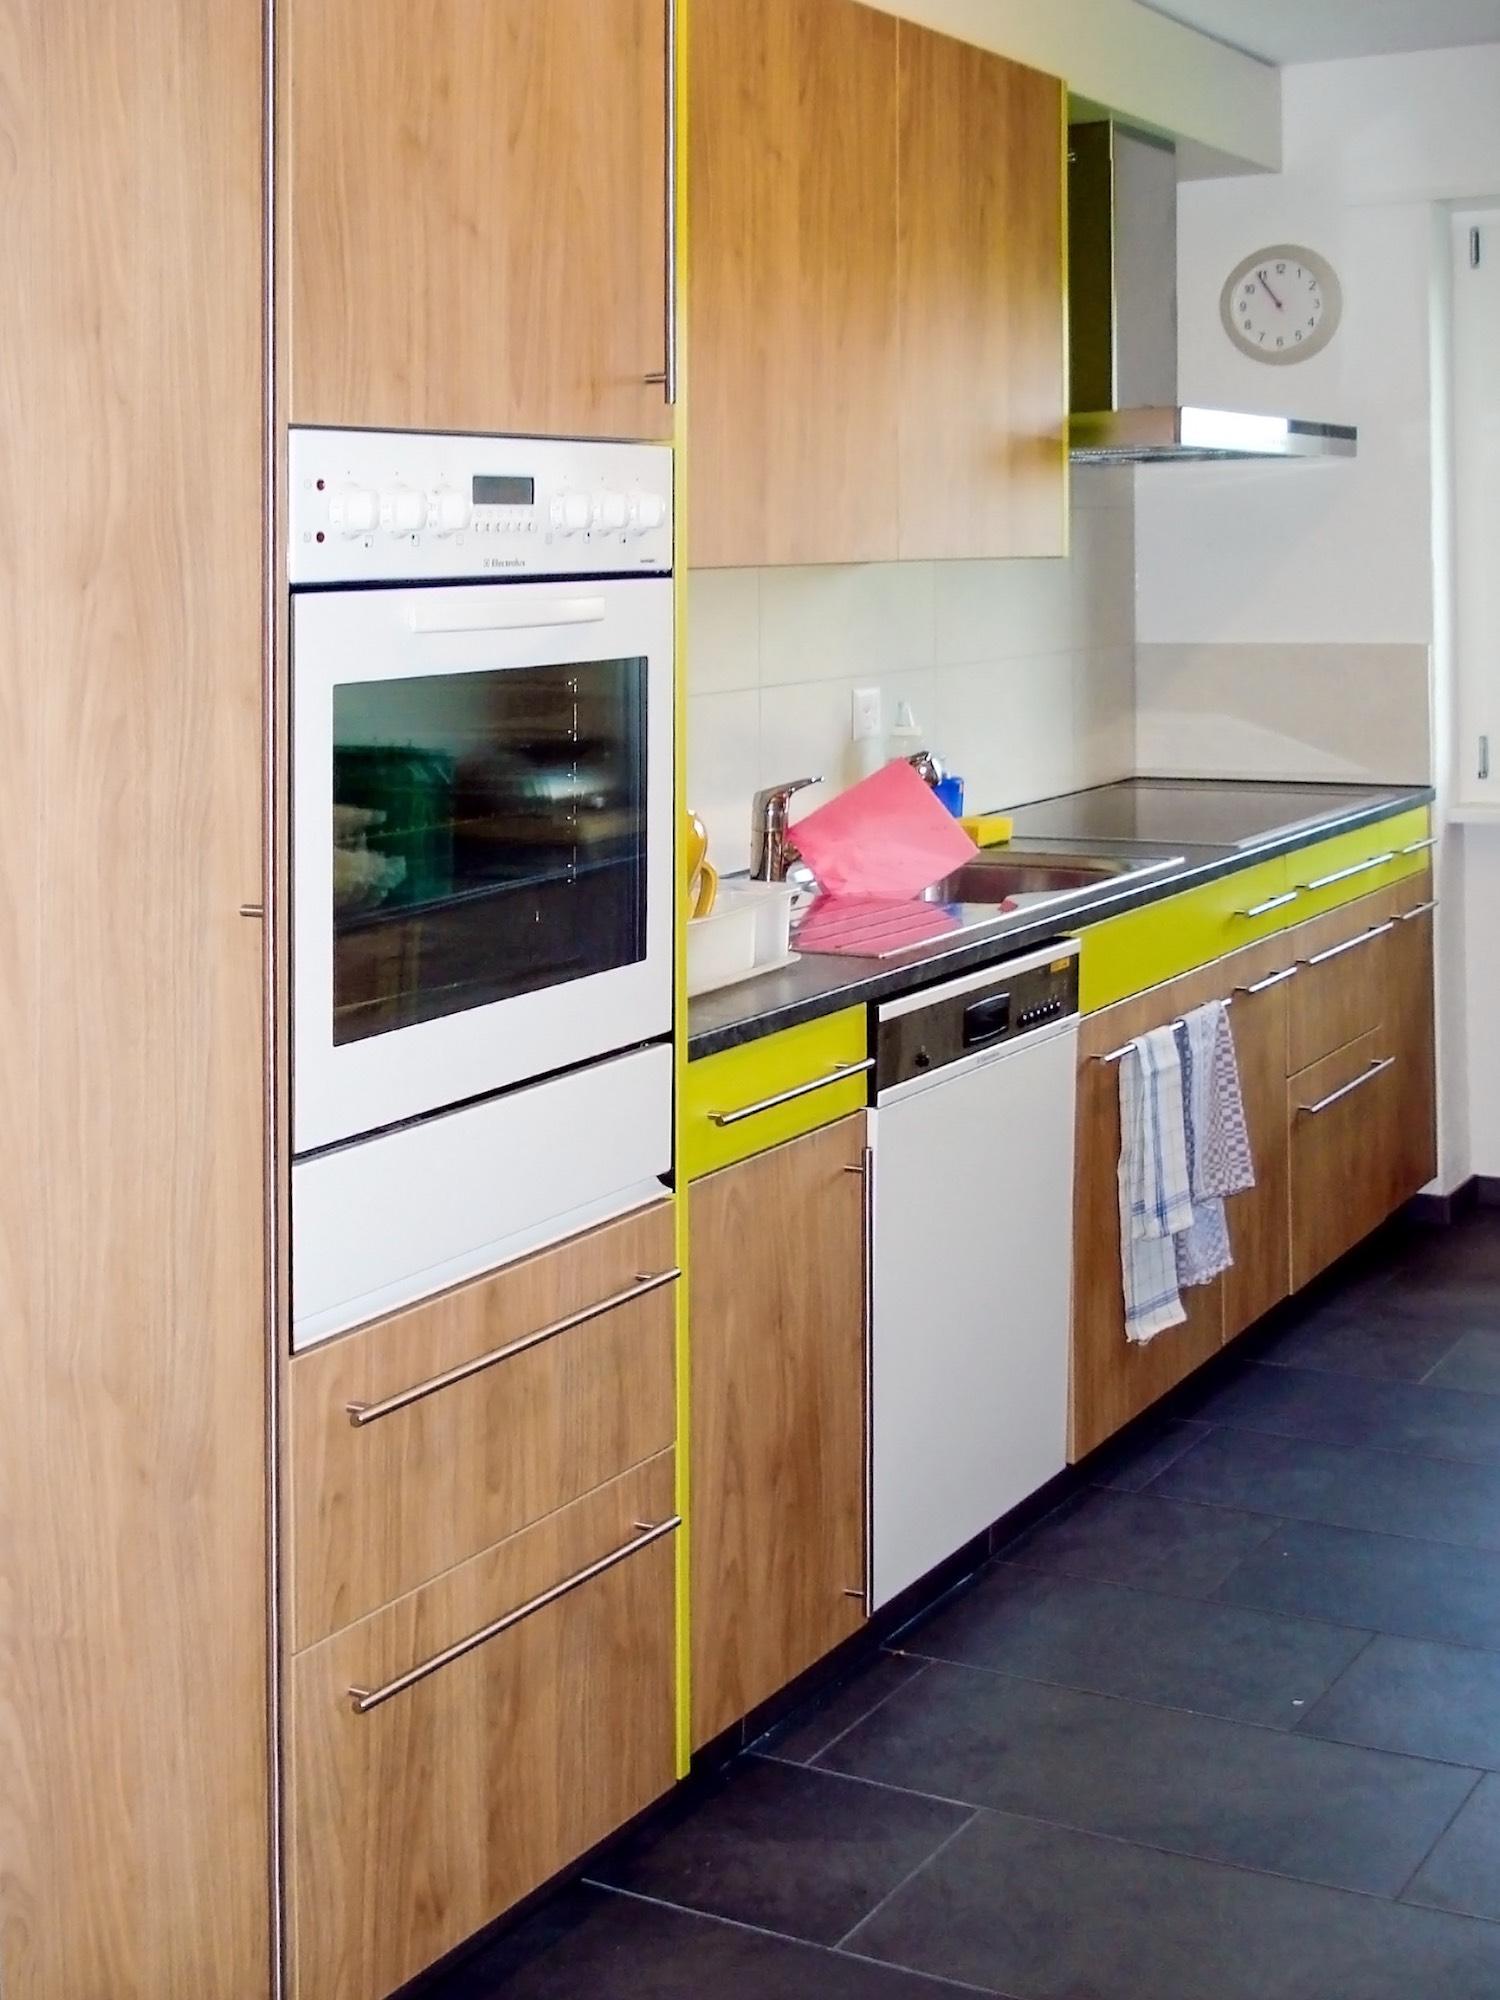 herheimpaziert-Küche.jpg